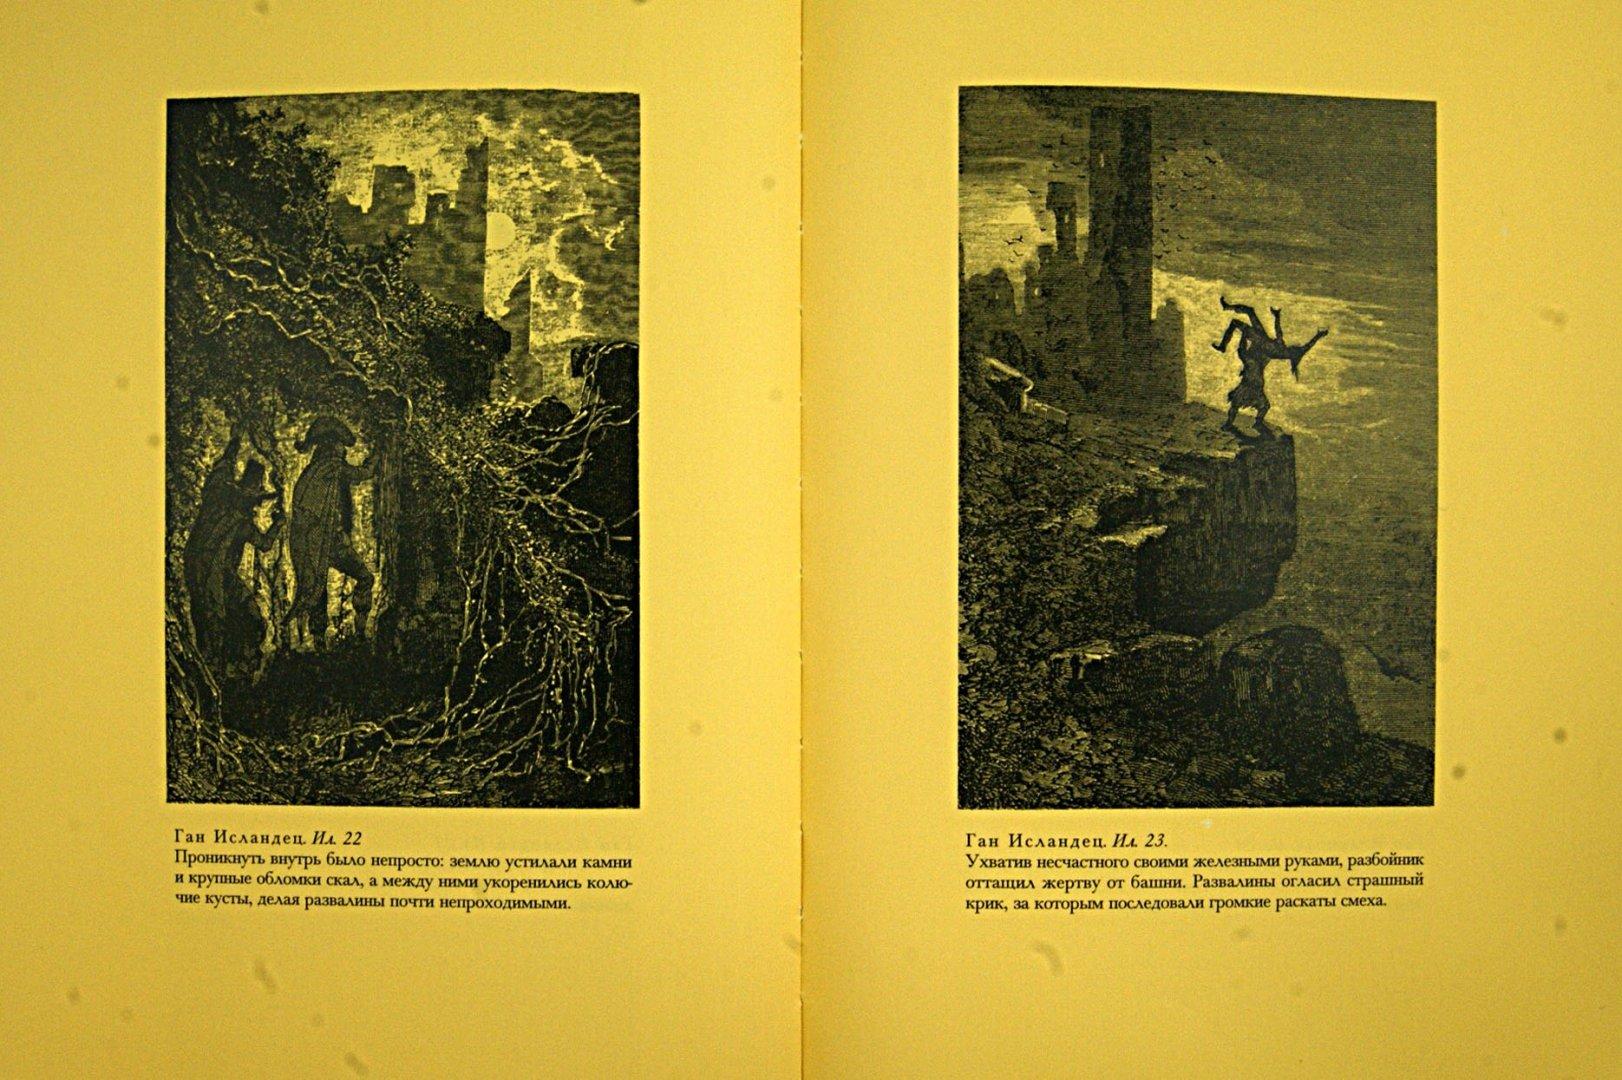 Иллюстрация 1 из 14 для Ган Исландец. Бюг-Жаргаль - Виктор Гюго | Лабиринт - книги. Источник: Лабиринт